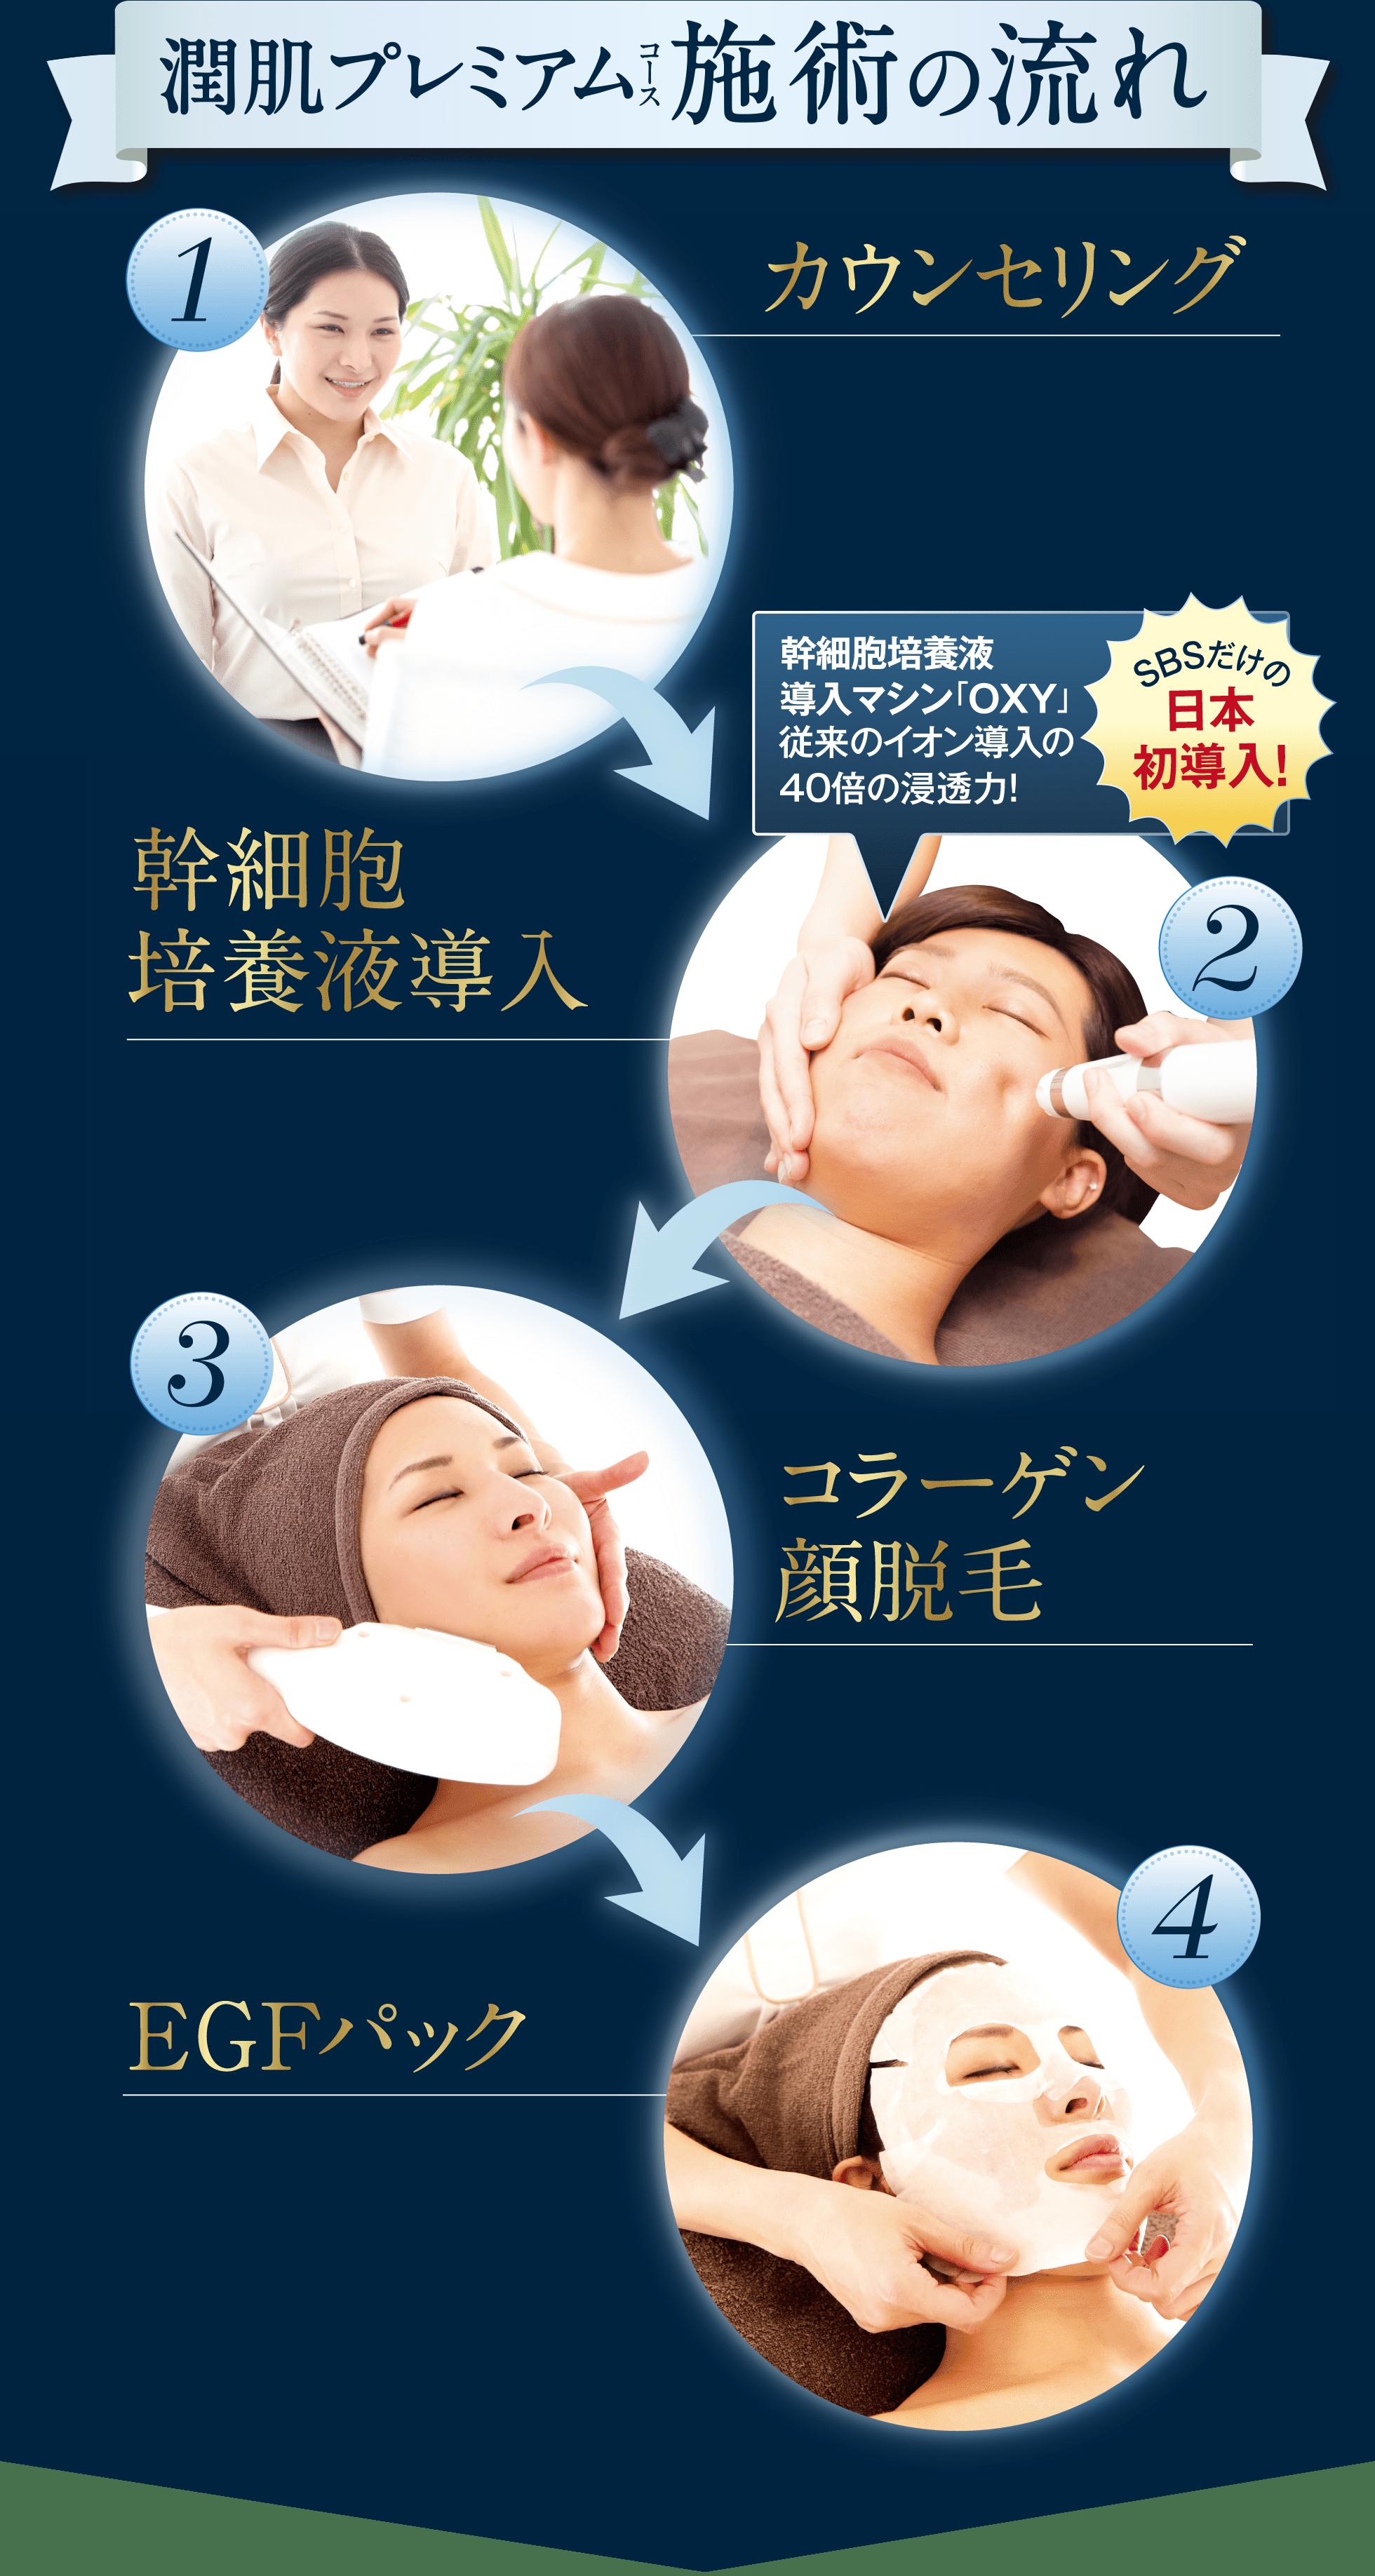 全顔パーフェクト贅沢フルコース 施術の流れ 1カウンセリング 2幹細胞培養液導入 幹細胞培養液導入マシン「OXY」 従来のイオン導入の40倍の浸透力! SBSだけの日本初導入! 3コラーゲン顔脱毛 4EGFパック